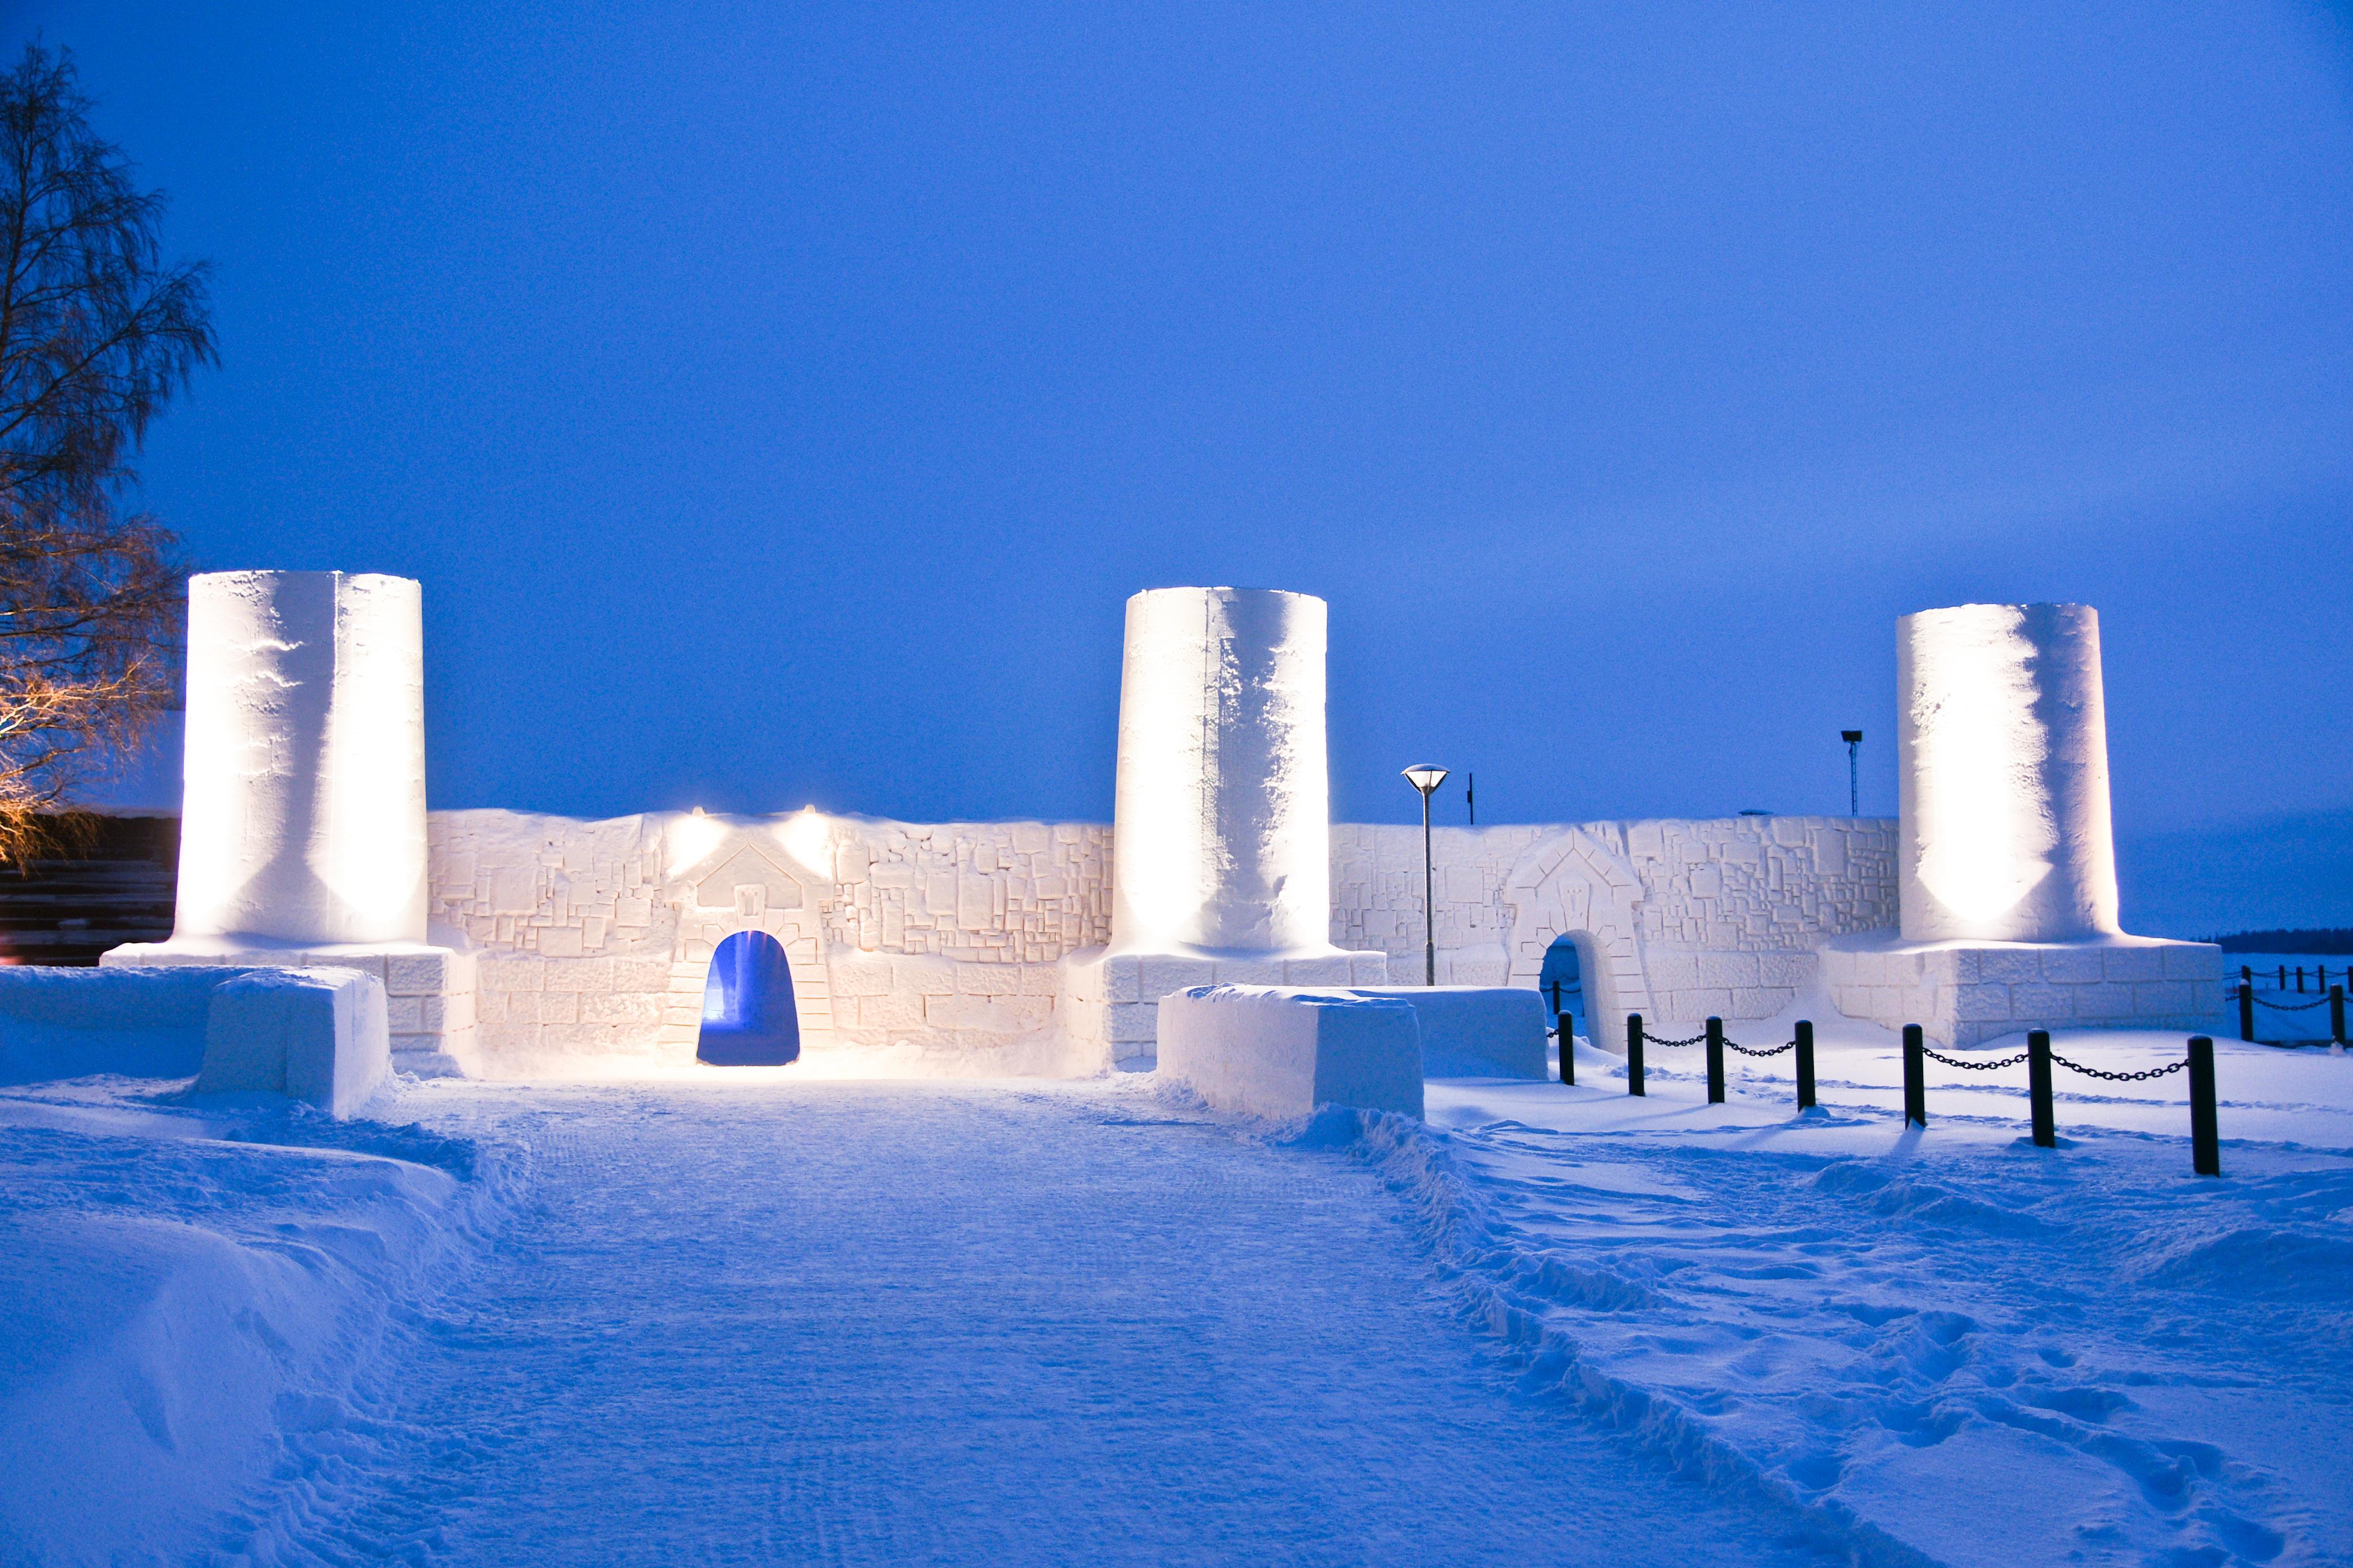 imagen exterior del castillo de hielo